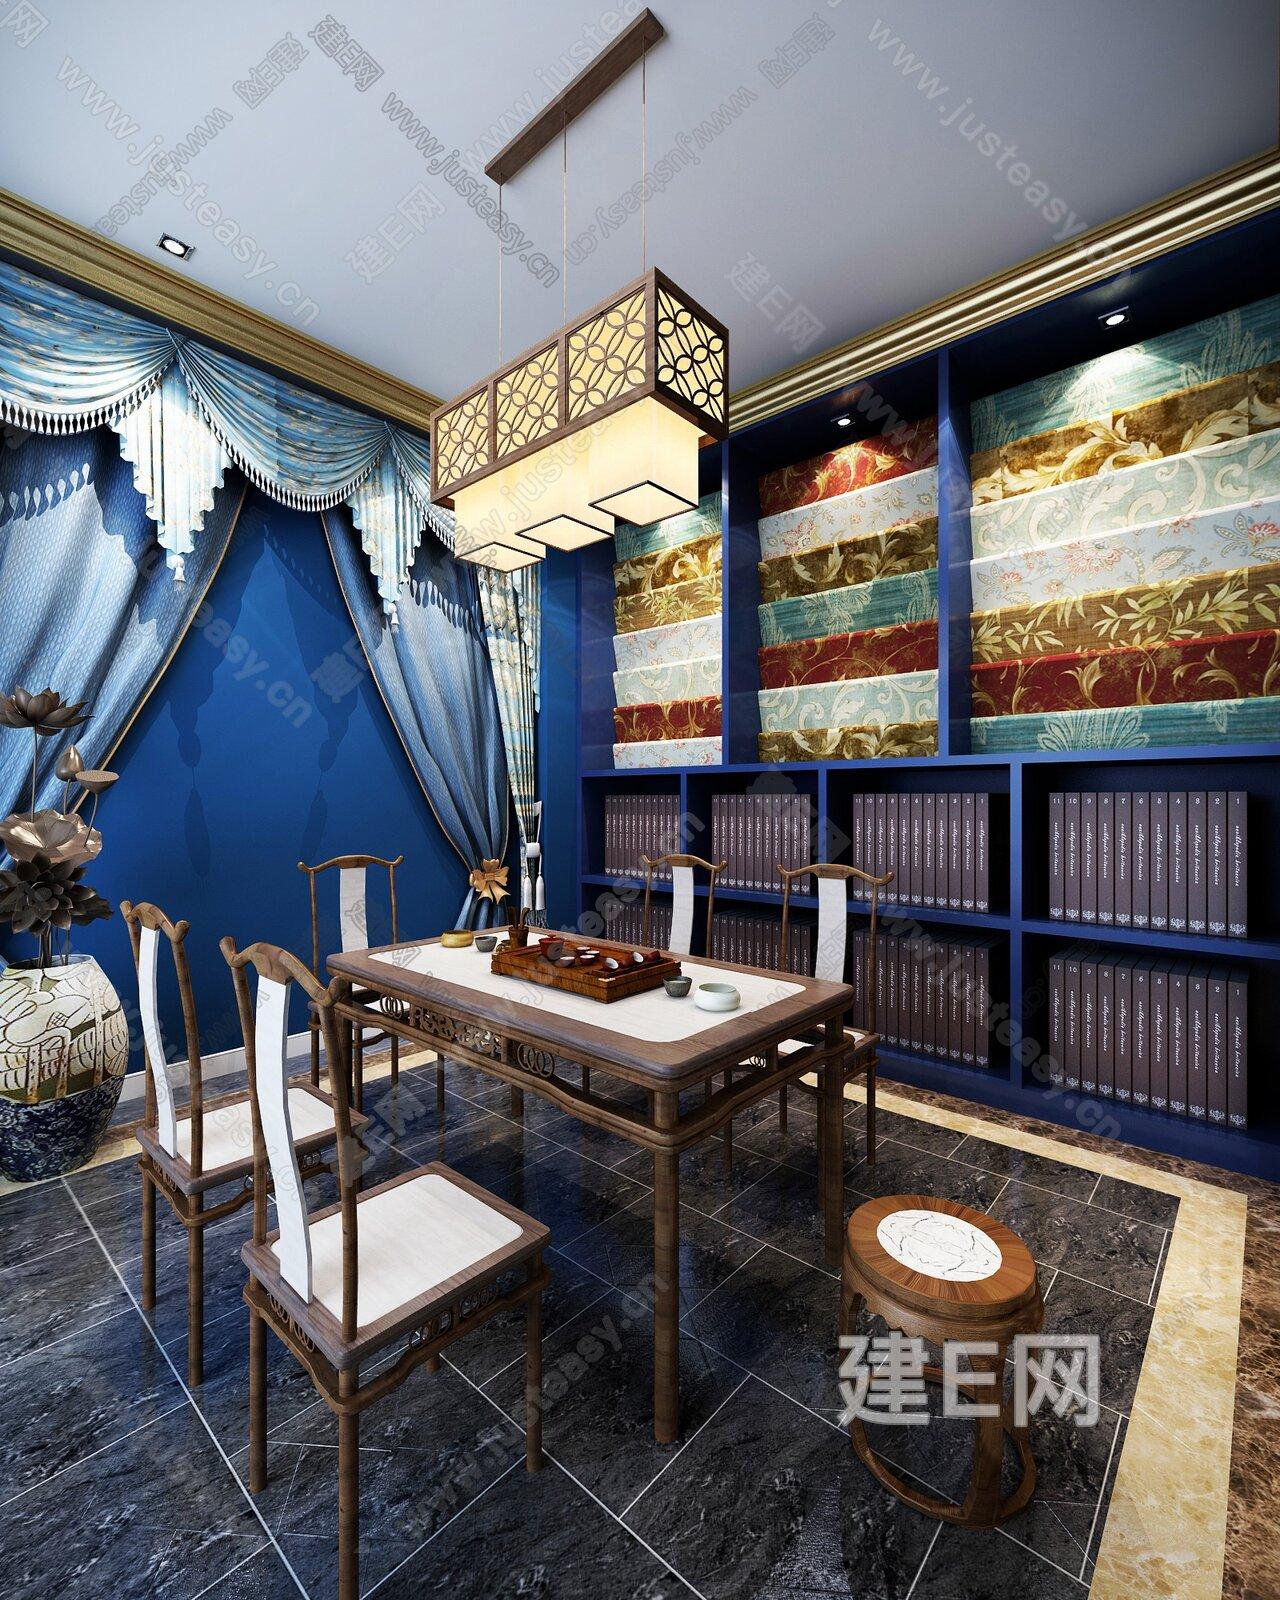 新中式窗帘店面[模型id:206739]图片